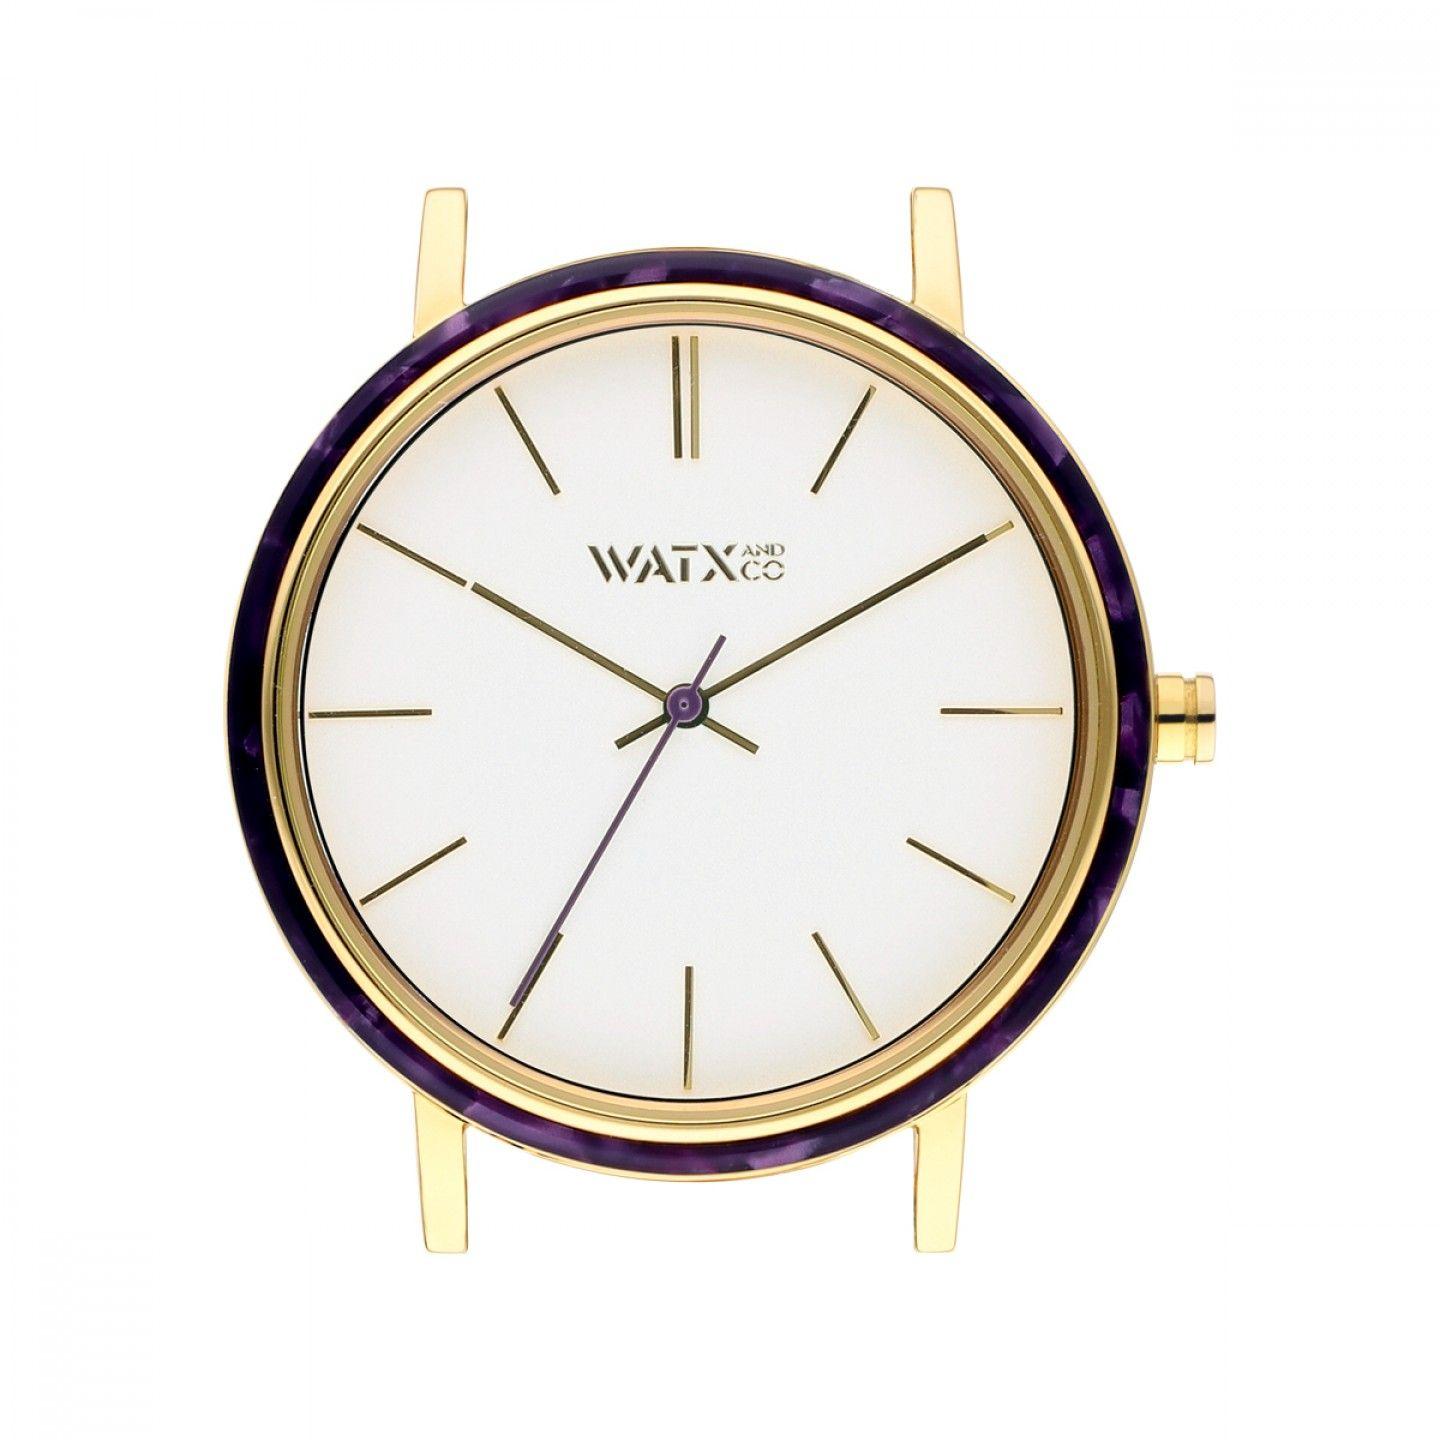 Caixa WATX 38 Marble Branco